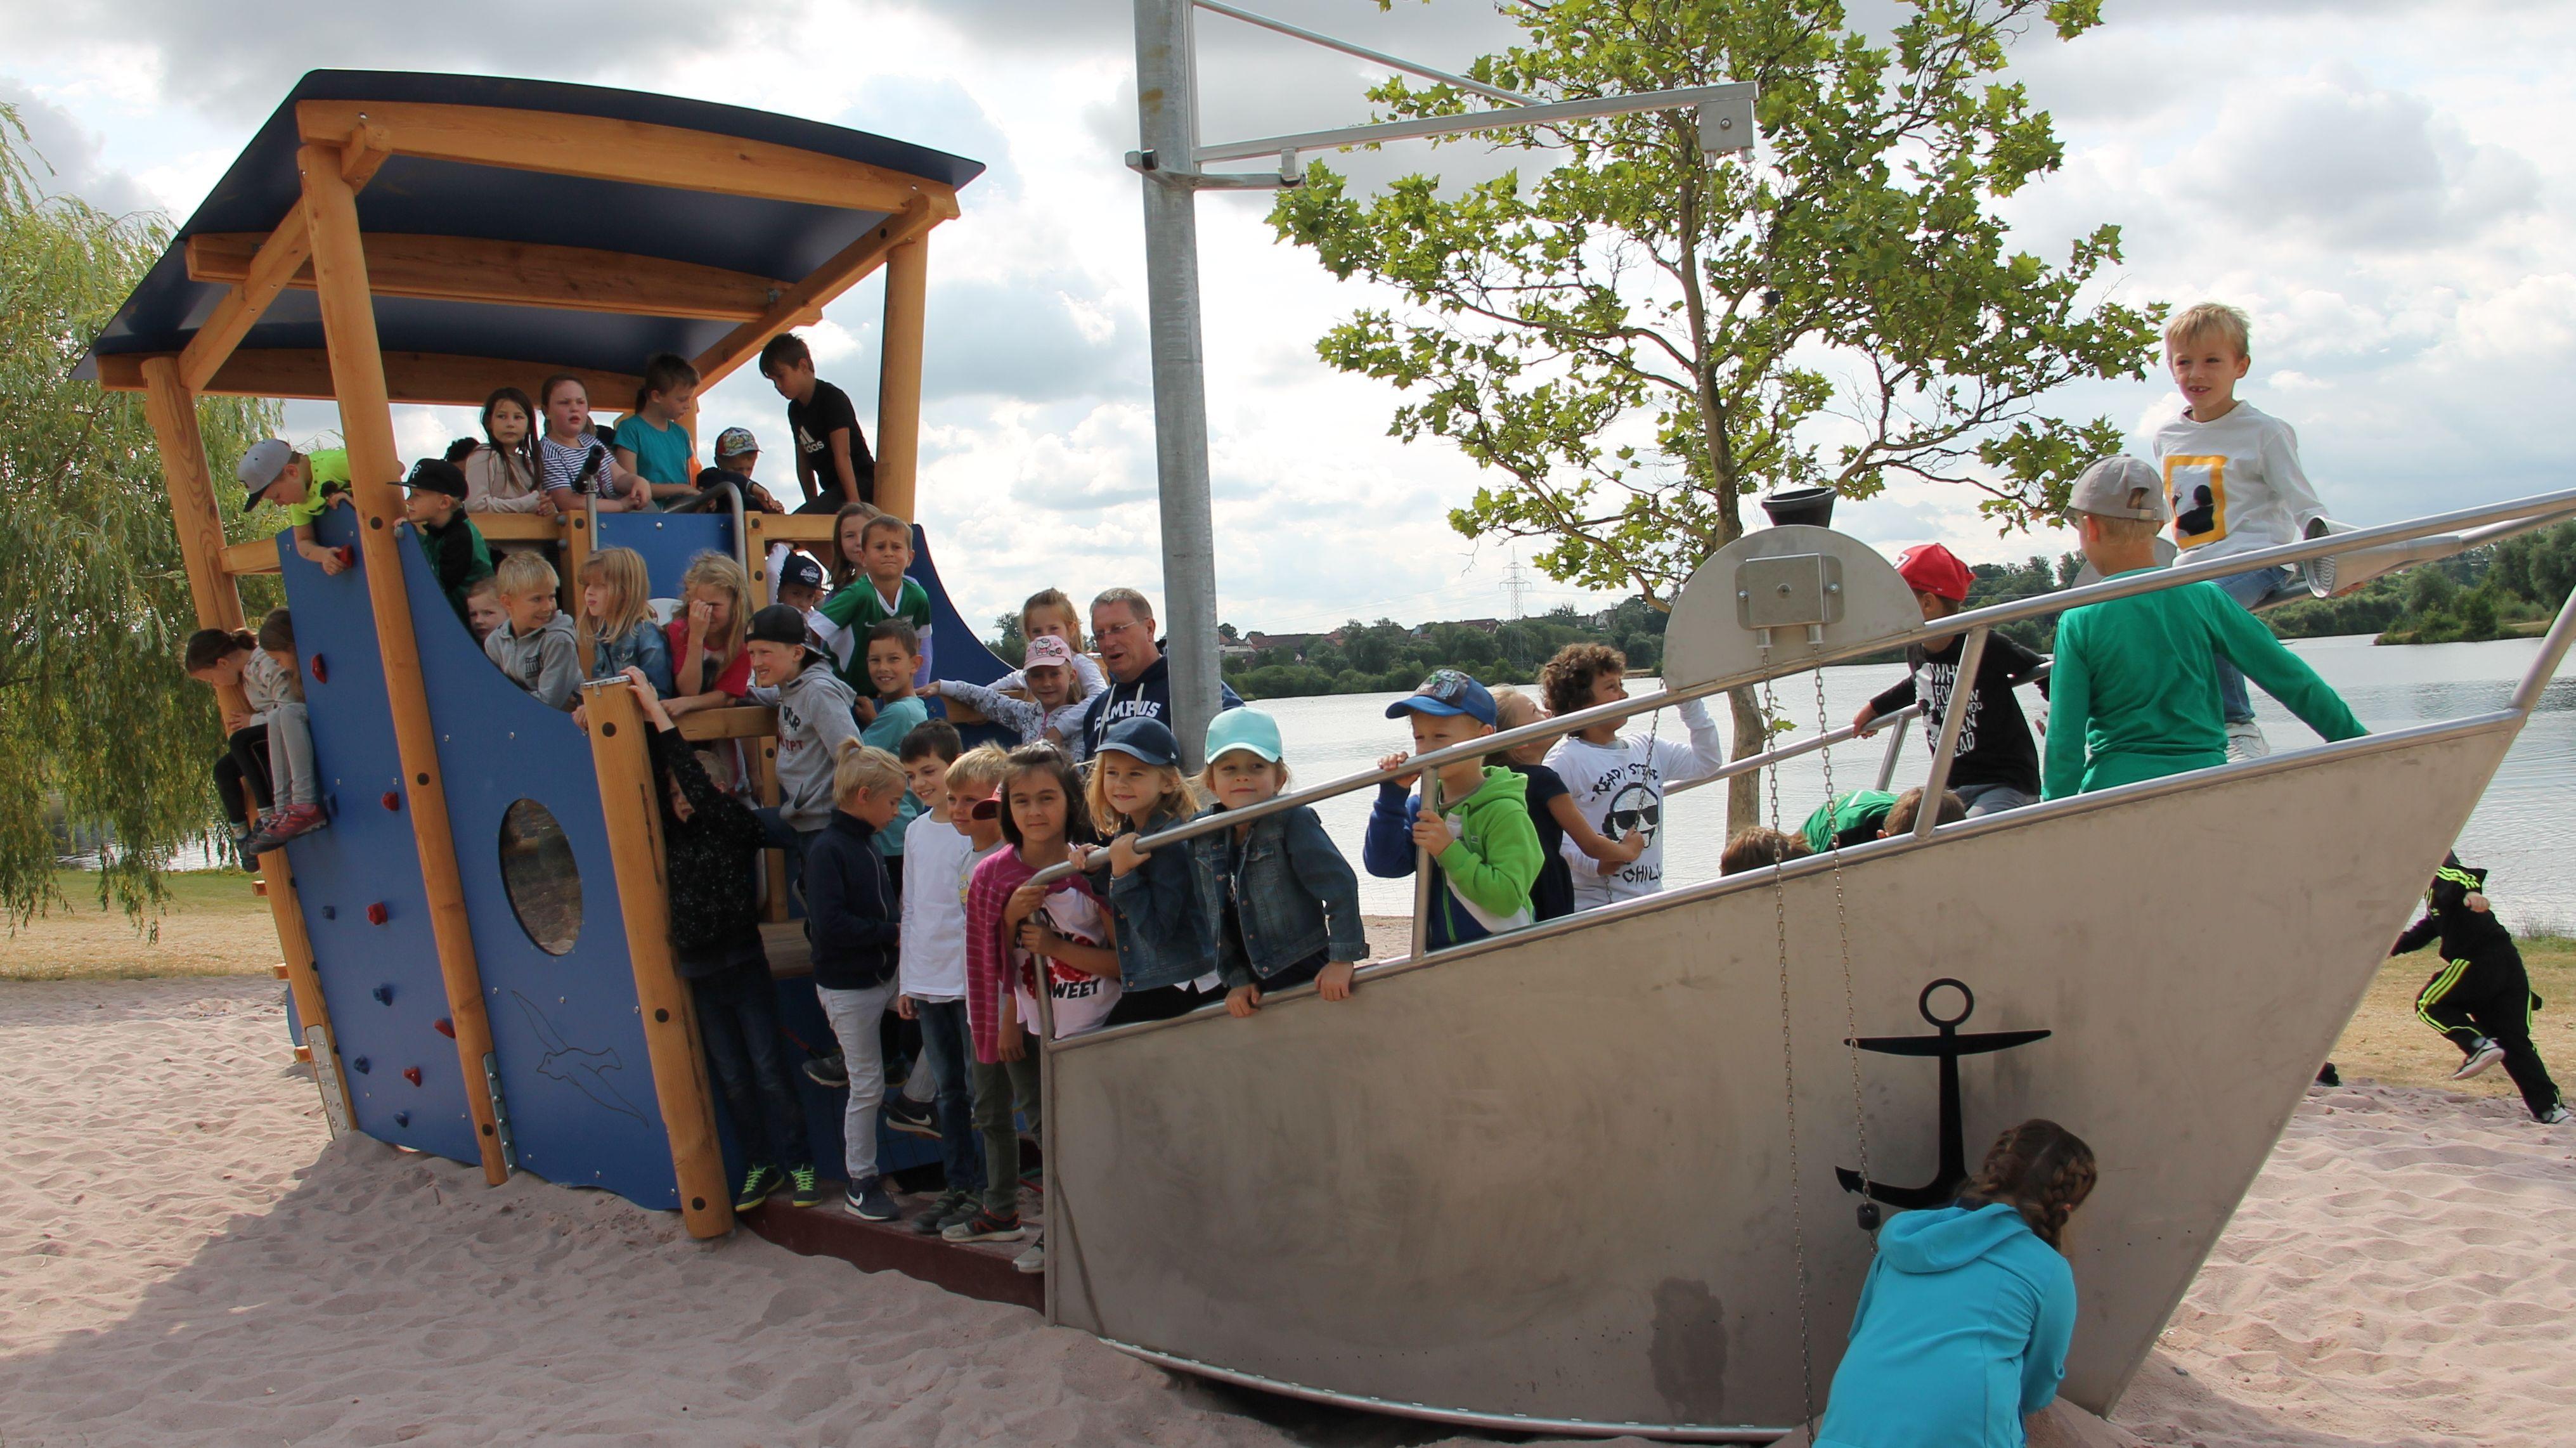 Kinder stehen gemeinsam mit Oberbürgermeister Henry Schramm (CSU) in einem schiffartigen Spielgerät auf dem neu eröffneten Spielplatz in der Kulmbacher Mainaue